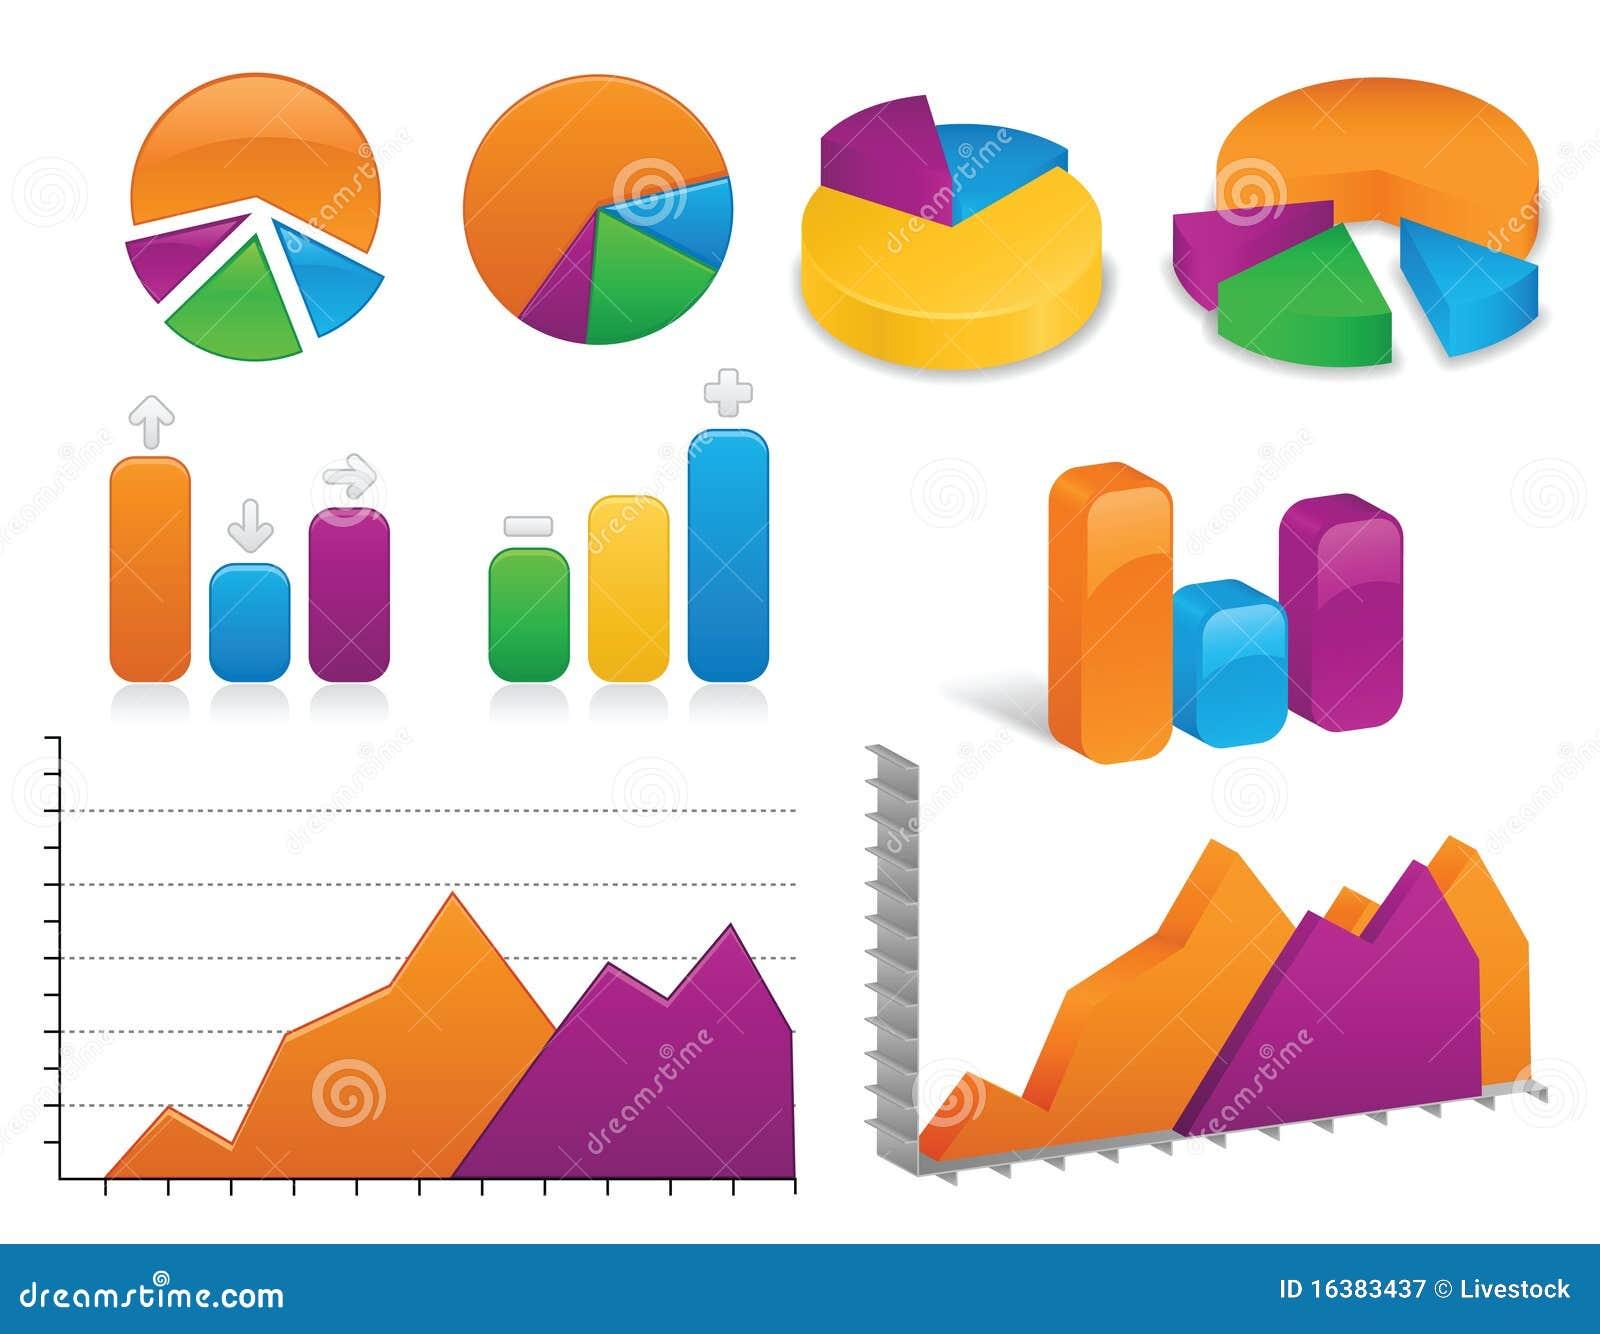 Diagramme Arten Arbeitsblatt : Diagramme und diagramm ansammlung vektor abbildung